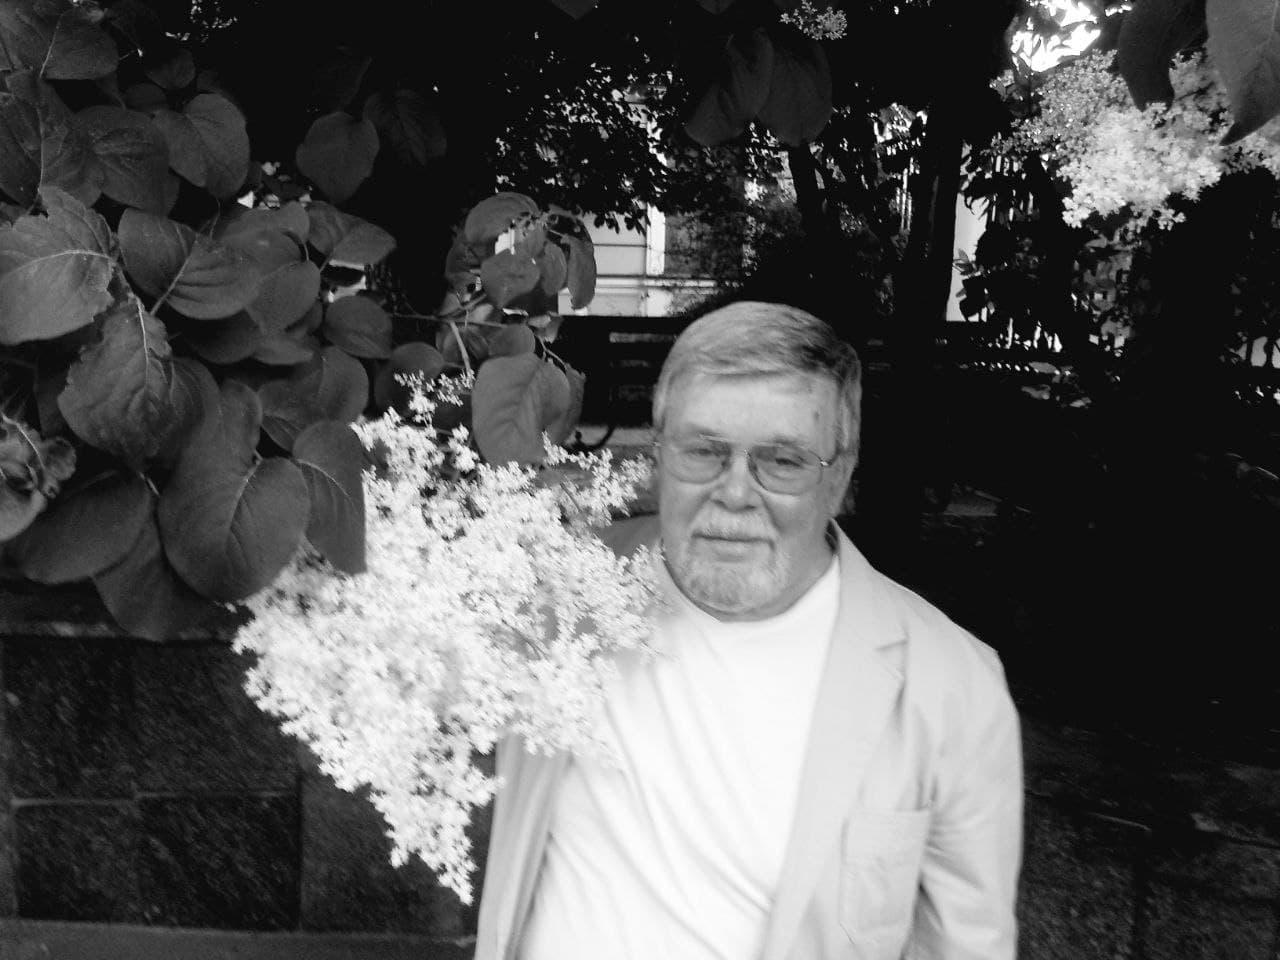 Ігор Трохимович Пасько (1940 -2021)